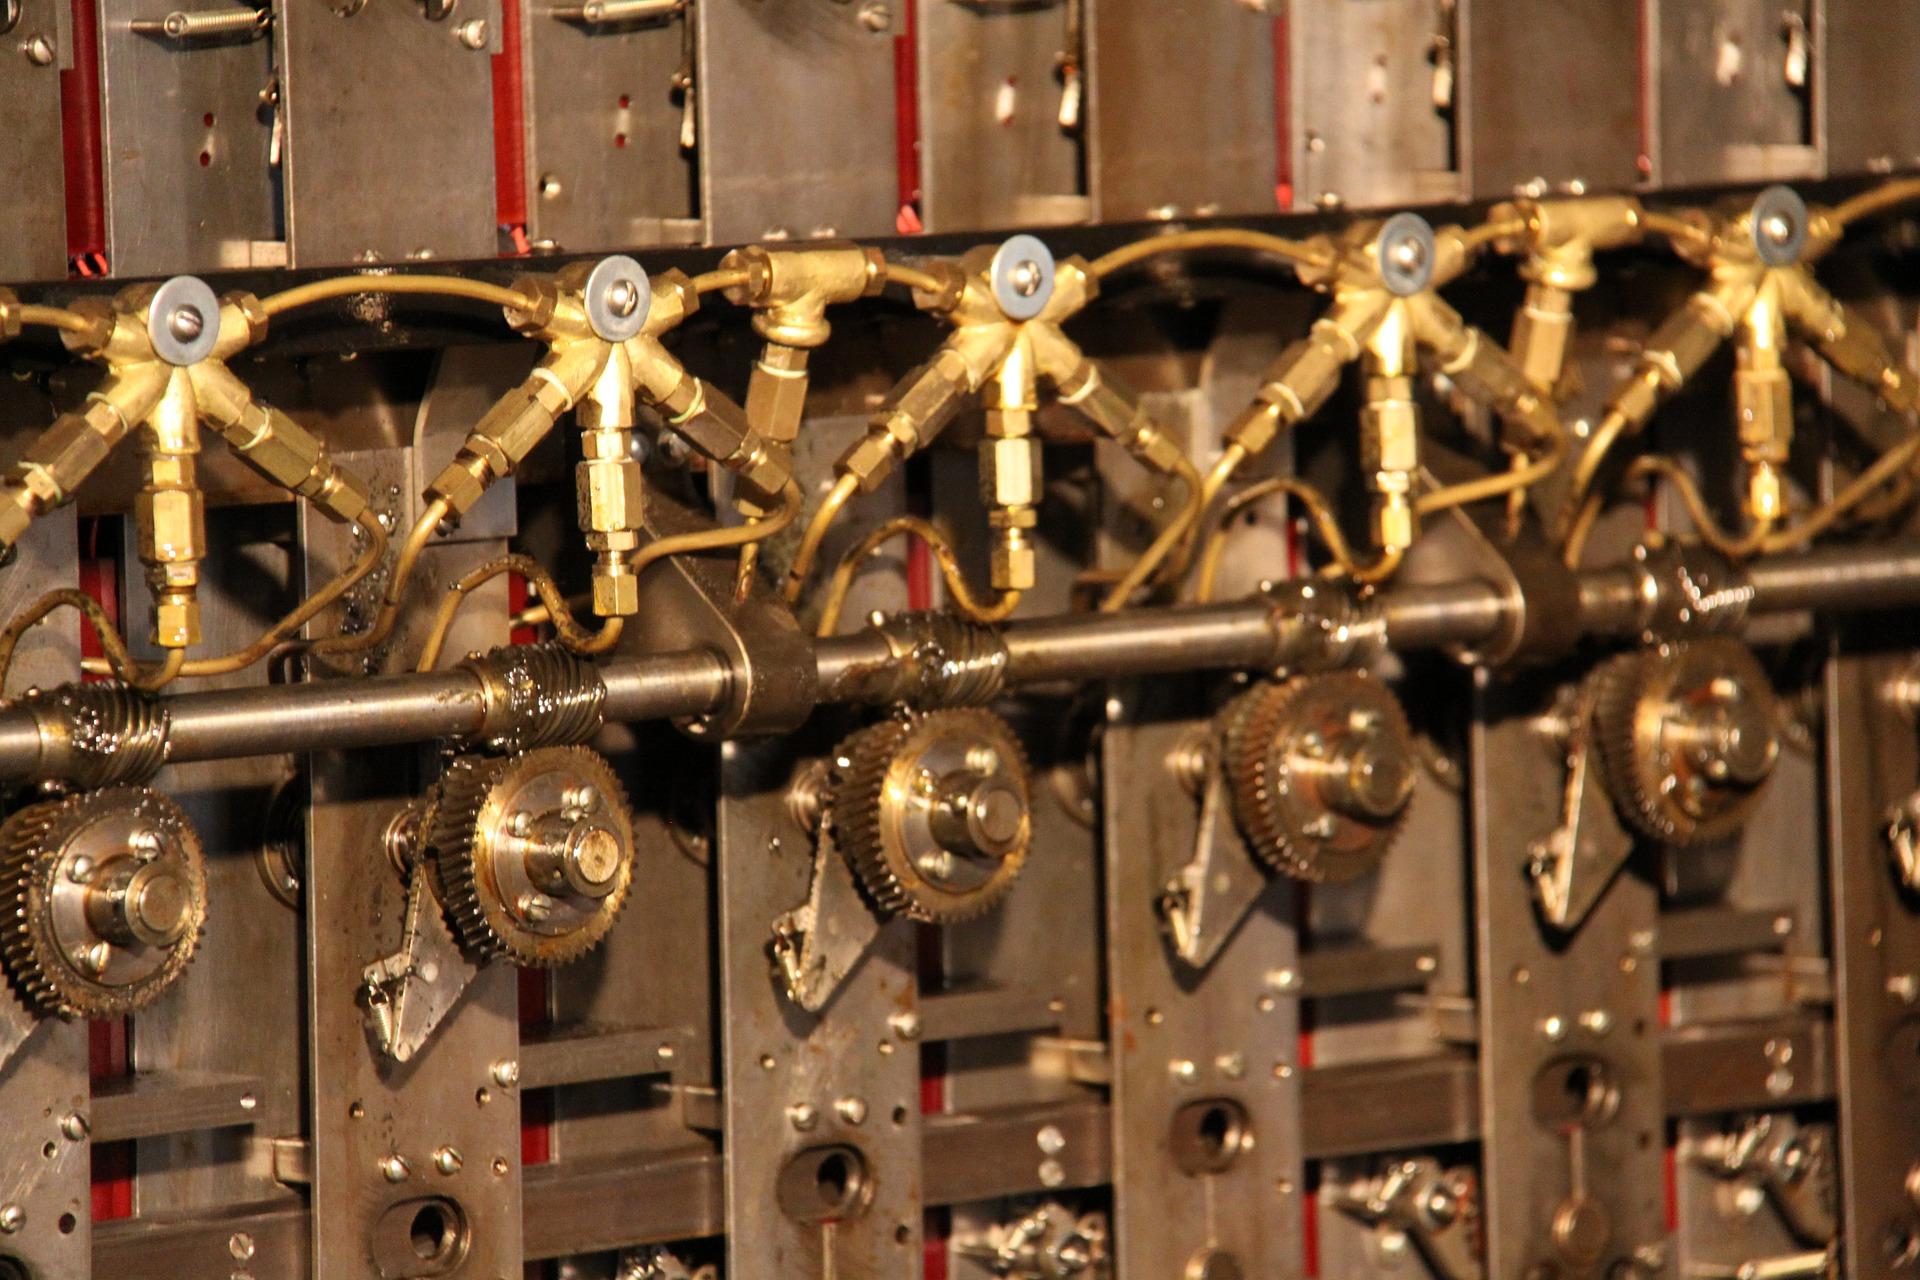 Cypher machine in Bletchey Park